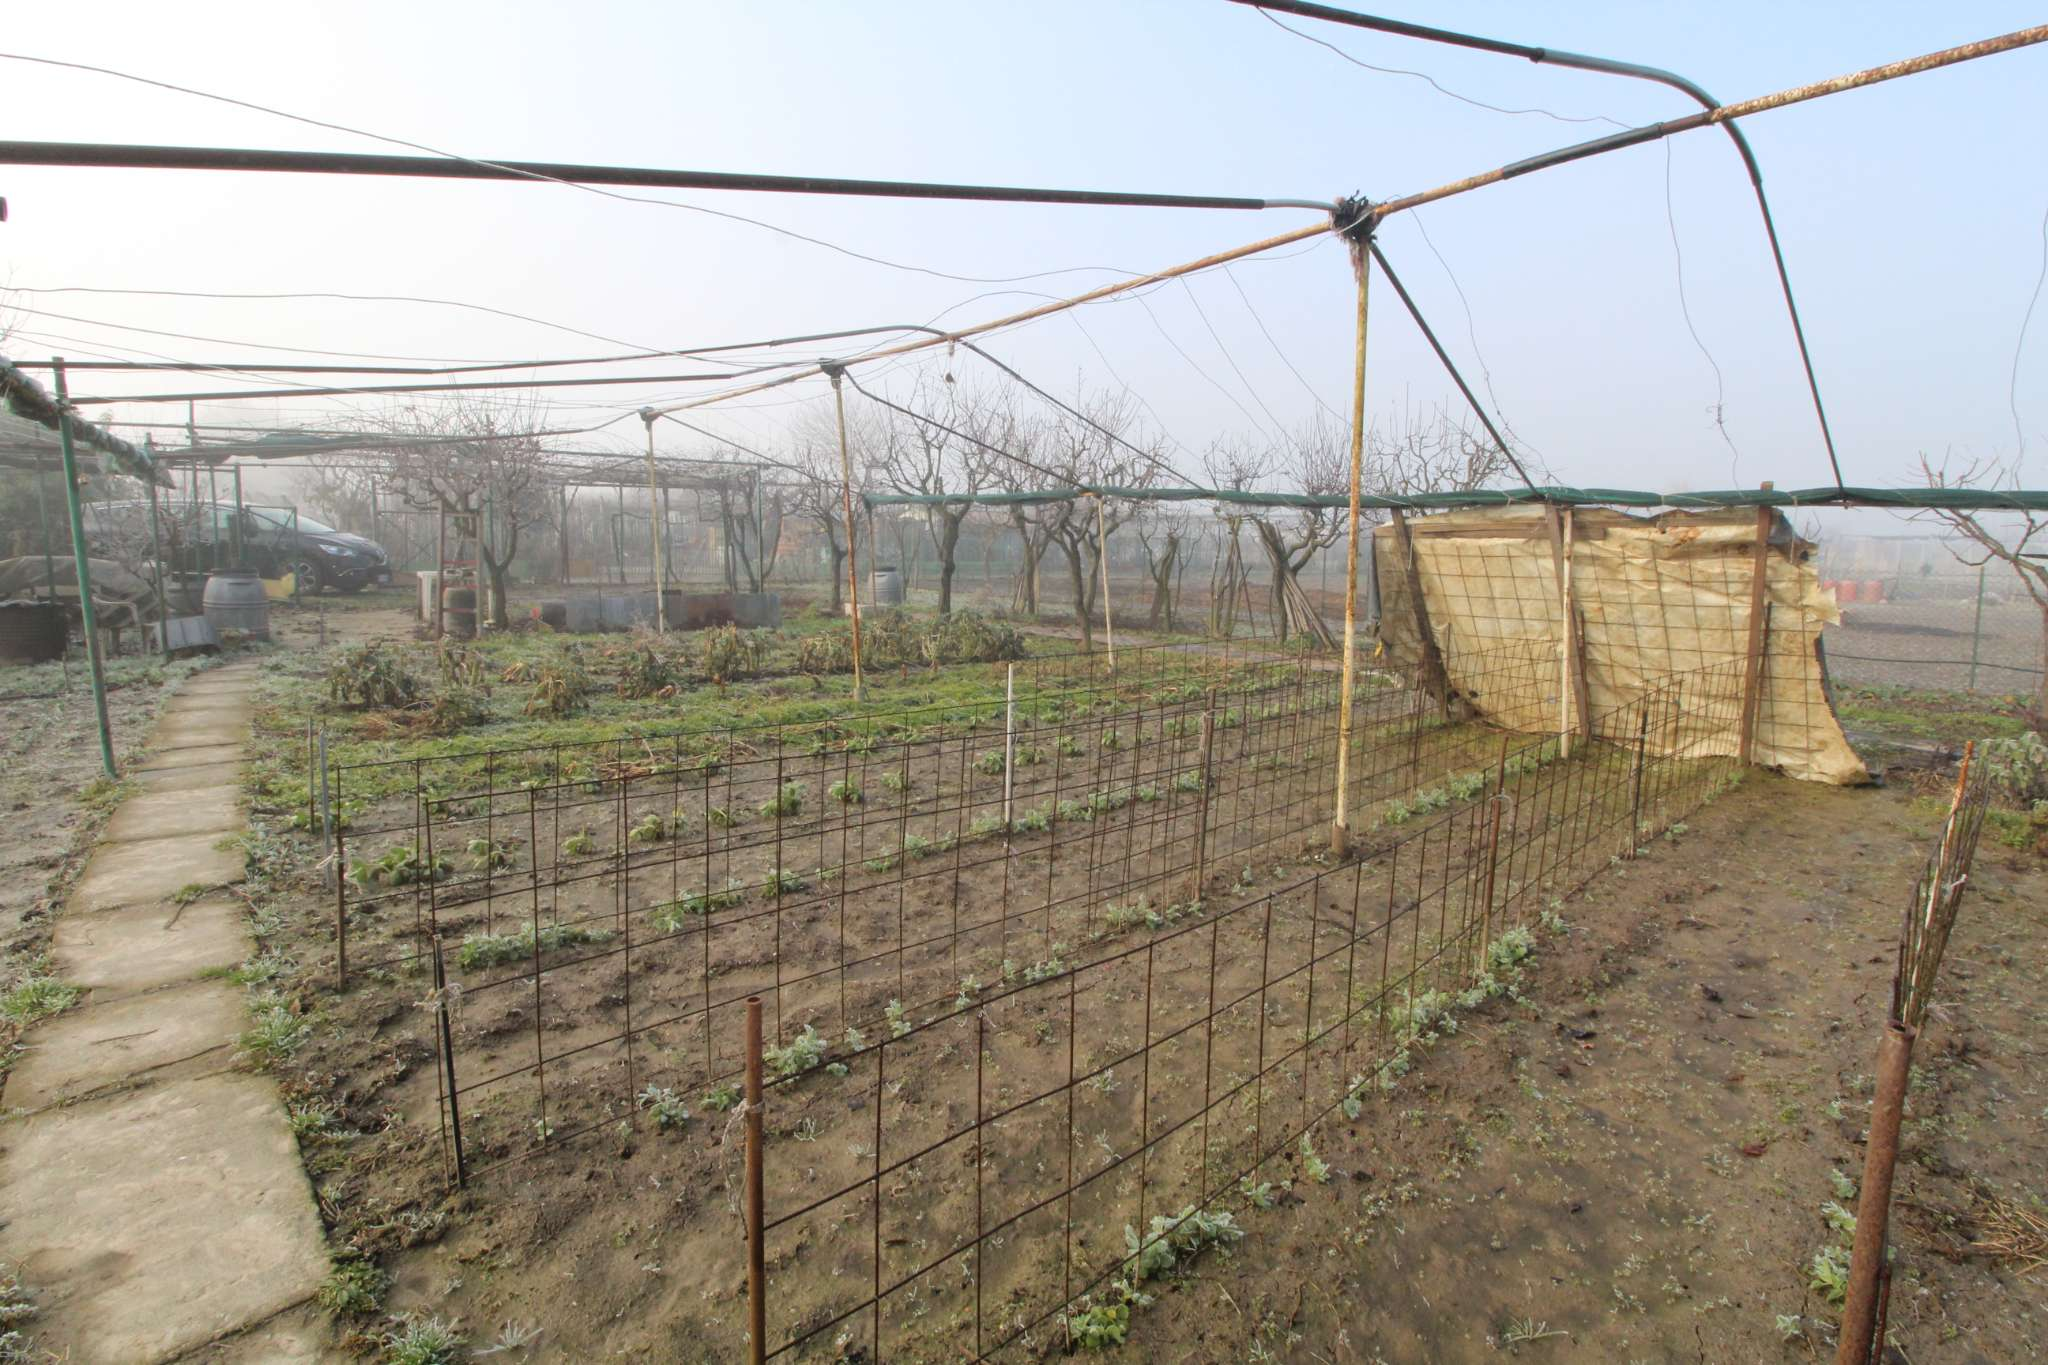 Terreno Agricolo in vendita a Candiolo, 9999 locali, prezzo € 11.000 | PortaleAgenzieImmobiliari.it